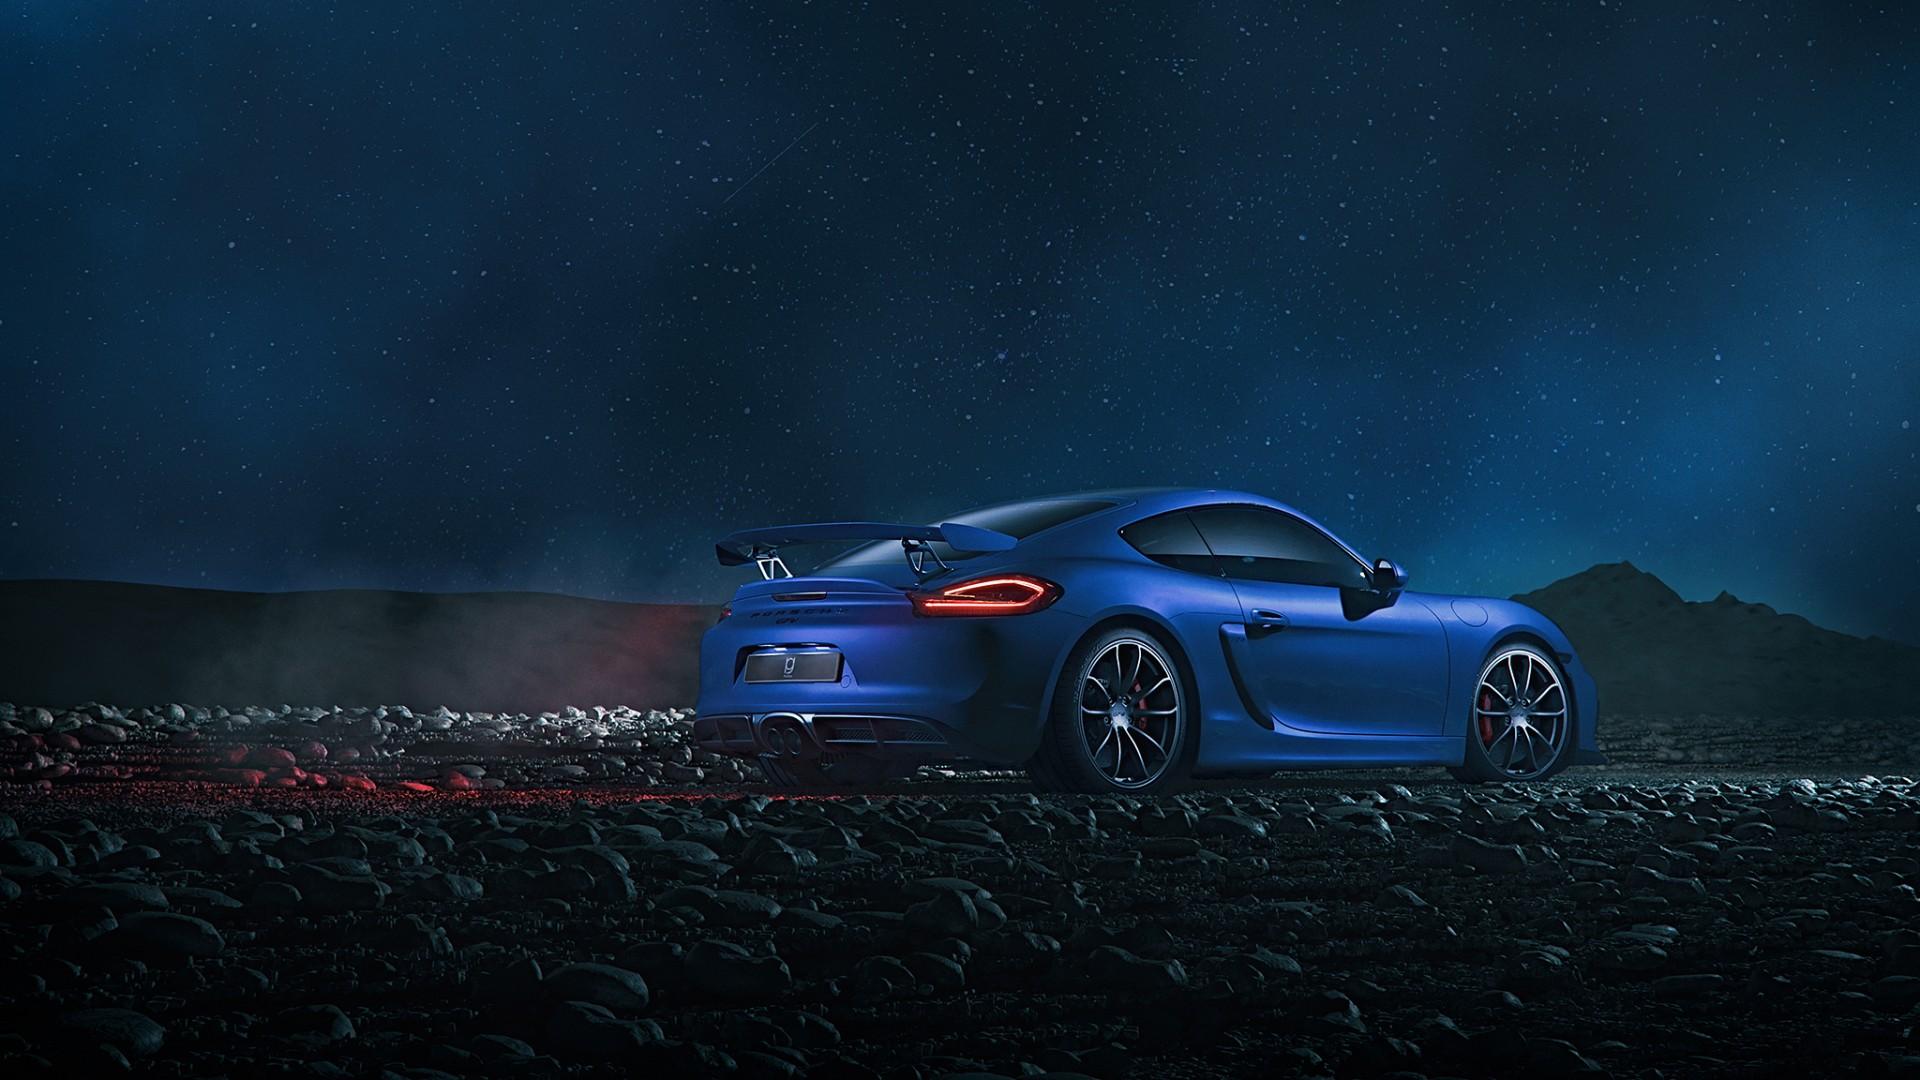 Porsche Gt3 Rs Blue 1920 X 1080: Porsche GT3 Wallpaper